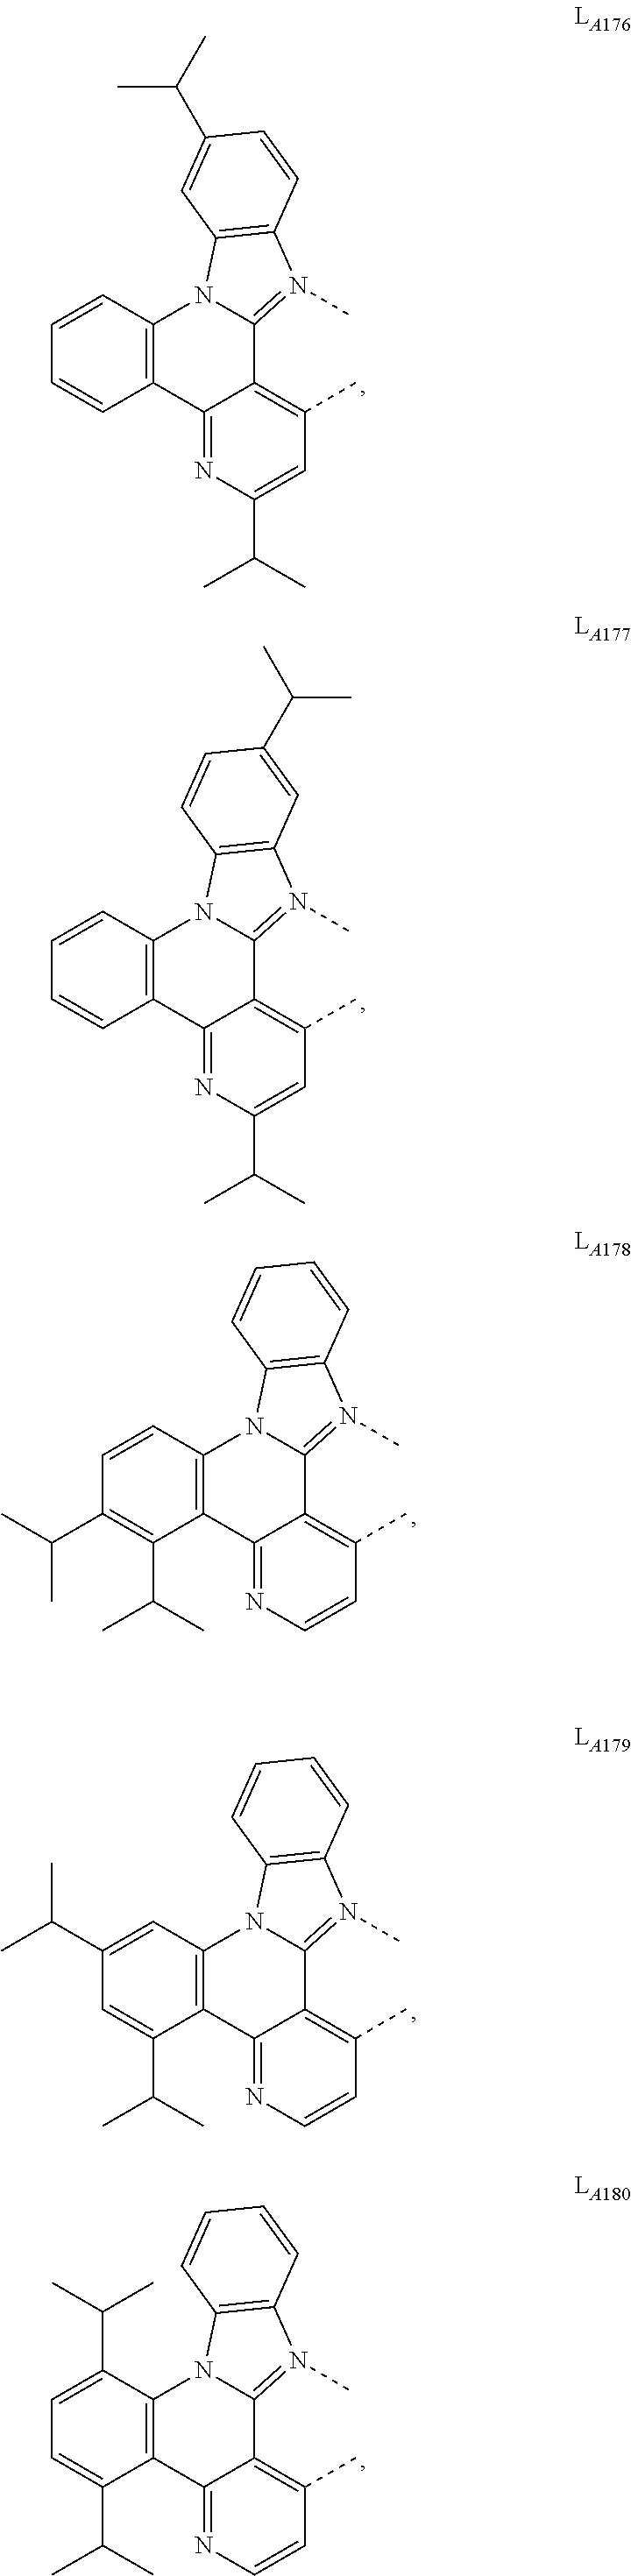 Figure US09905785-20180227-C00462